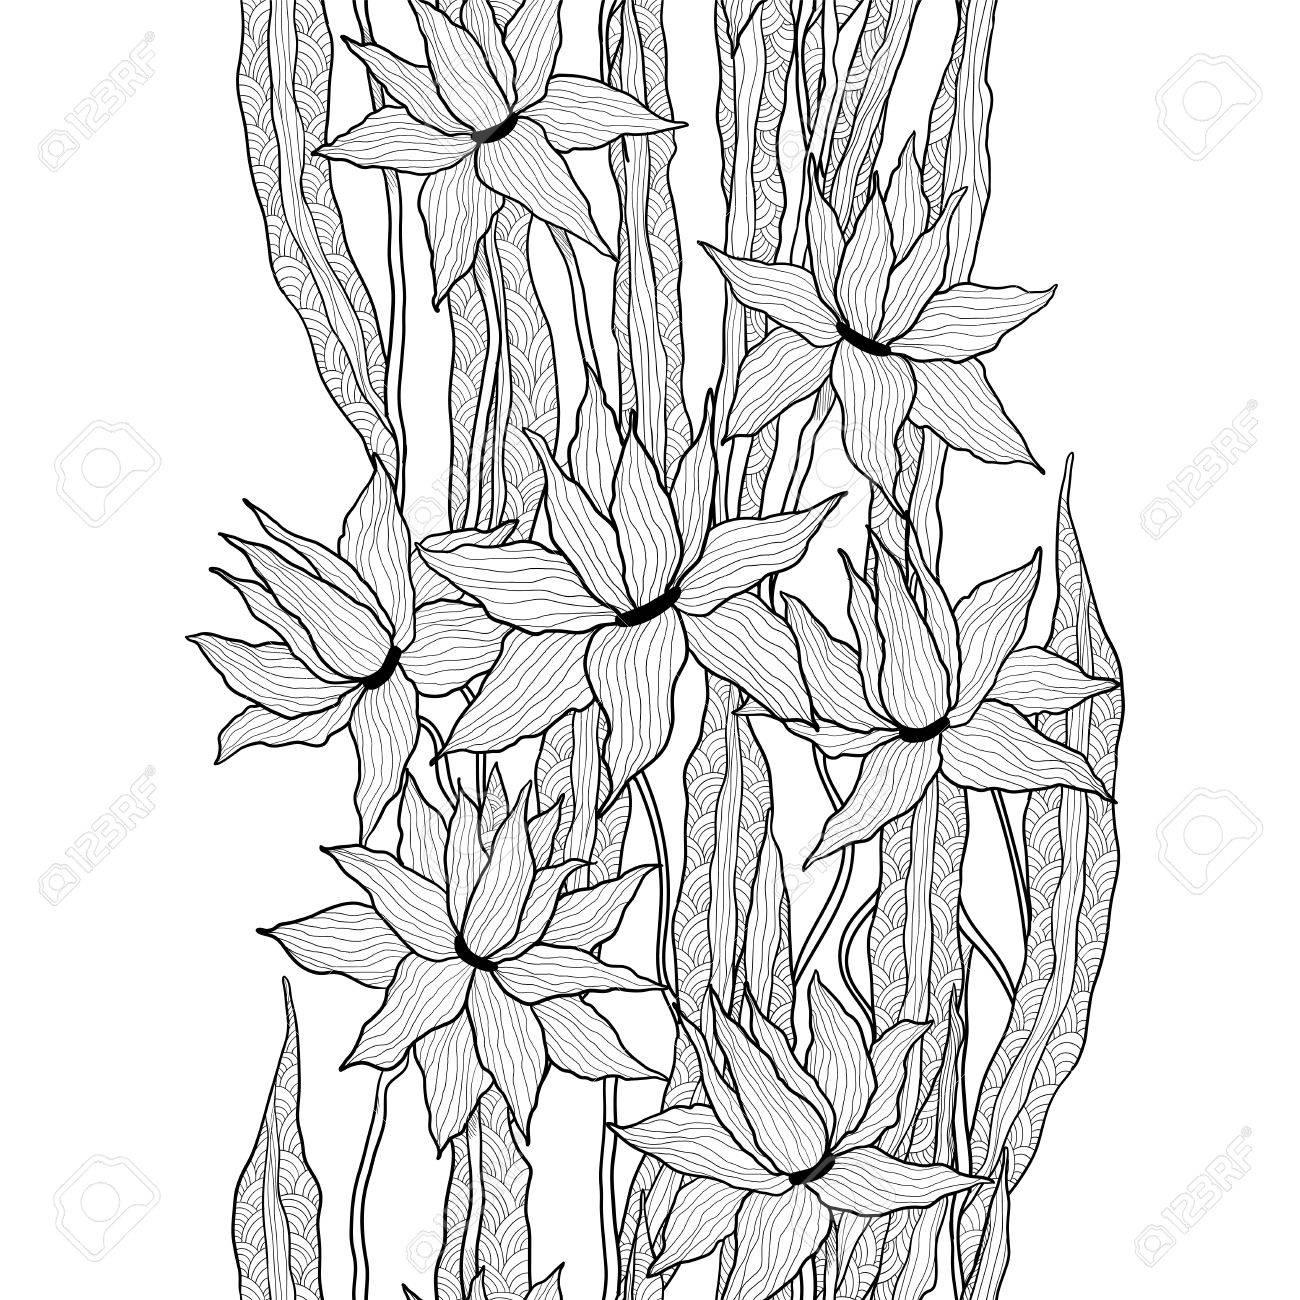 Patron Floral Vector Transparente Lirios Reales Flores Con Hojas De Bosquejo Estilizadas Graficos En Blanco Y Negro